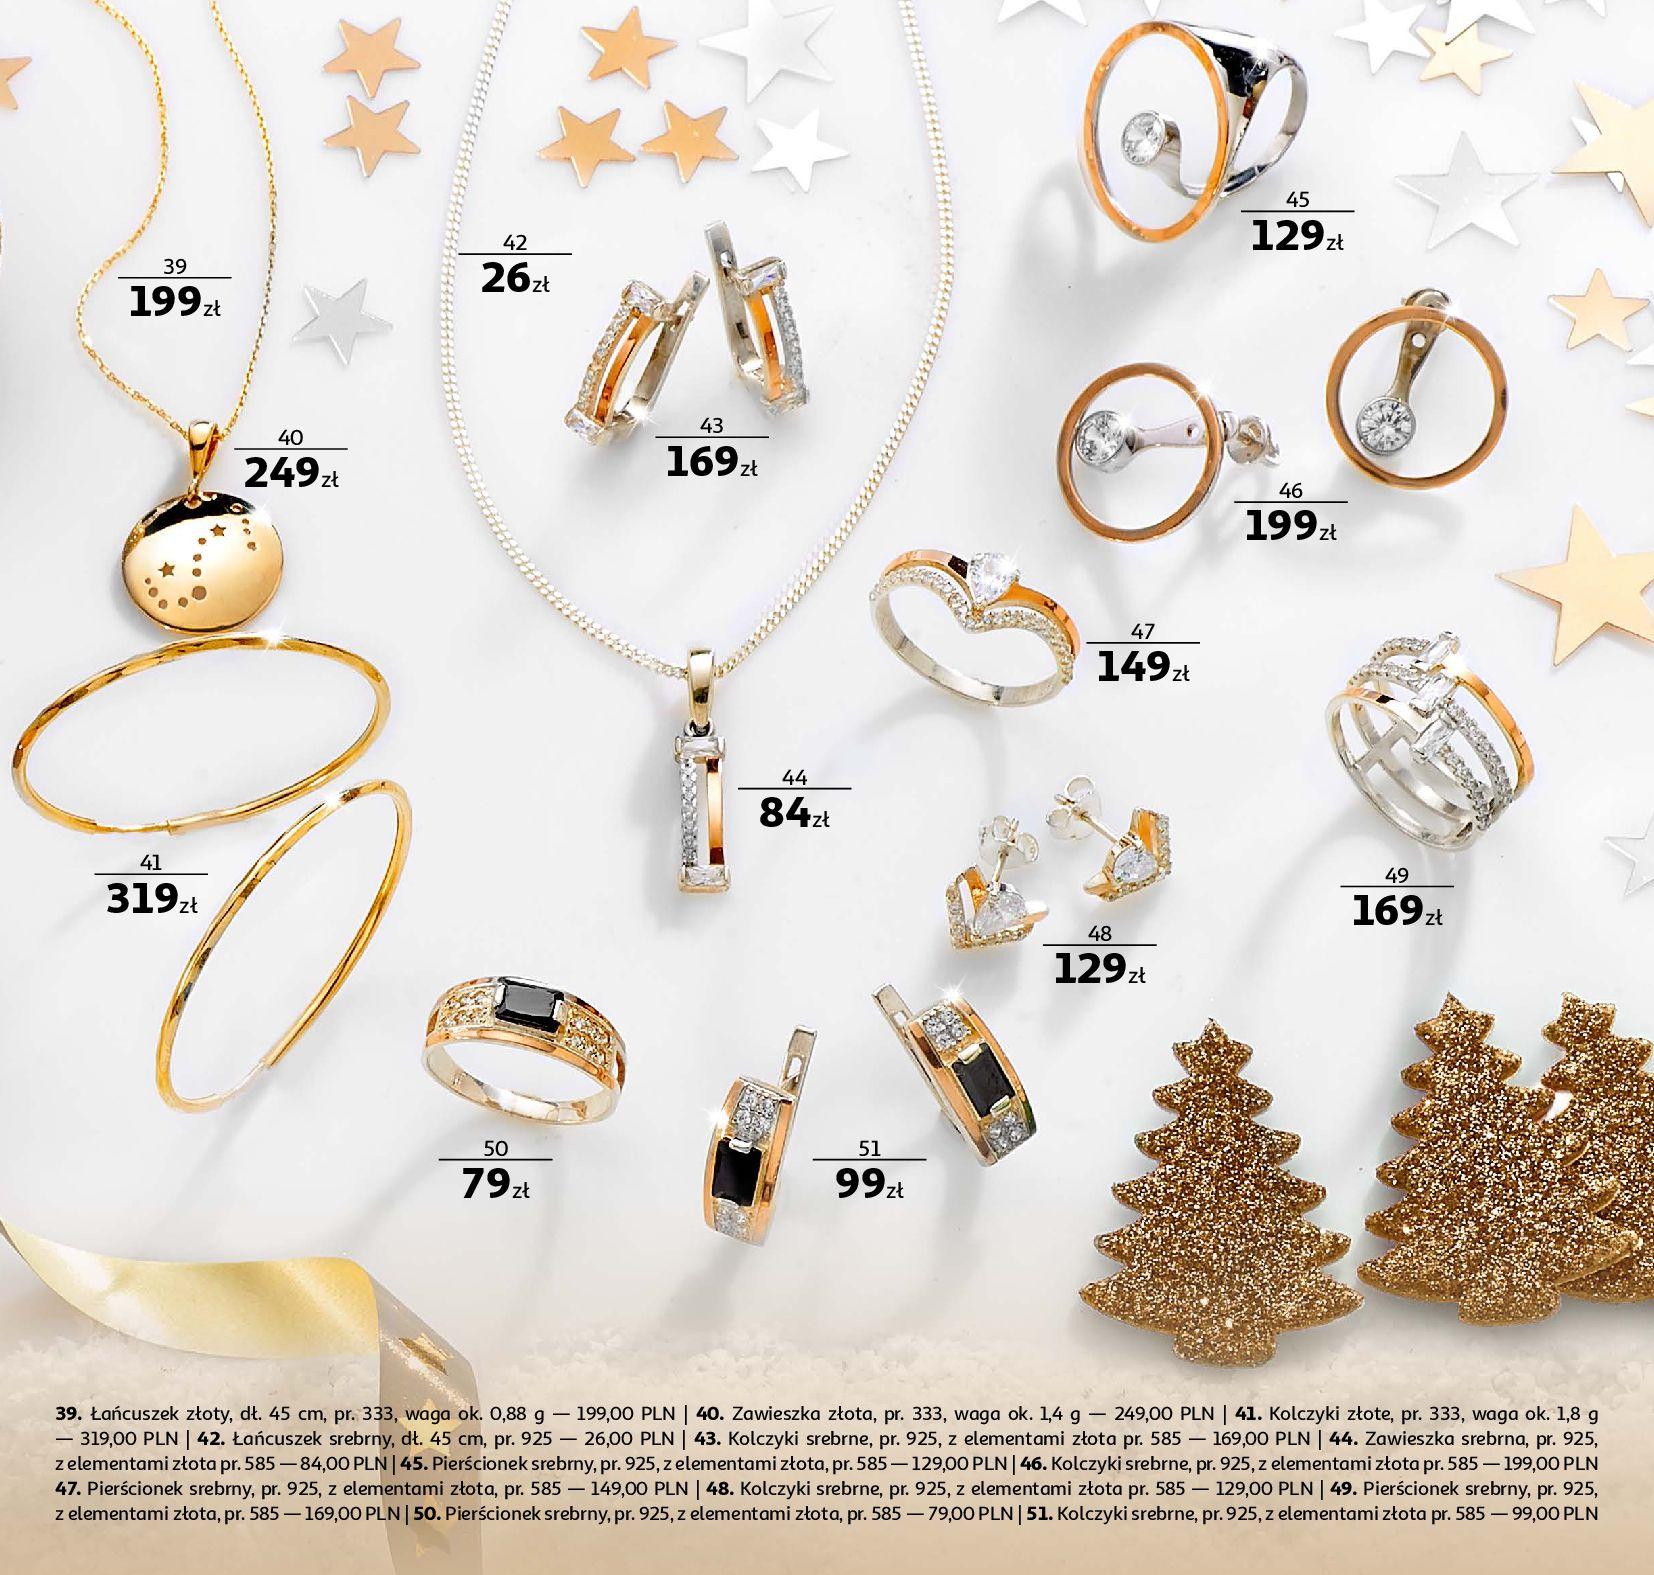 Gazetka Auchan - Biżuteria-19.11.2019-31.12.2019-page-5